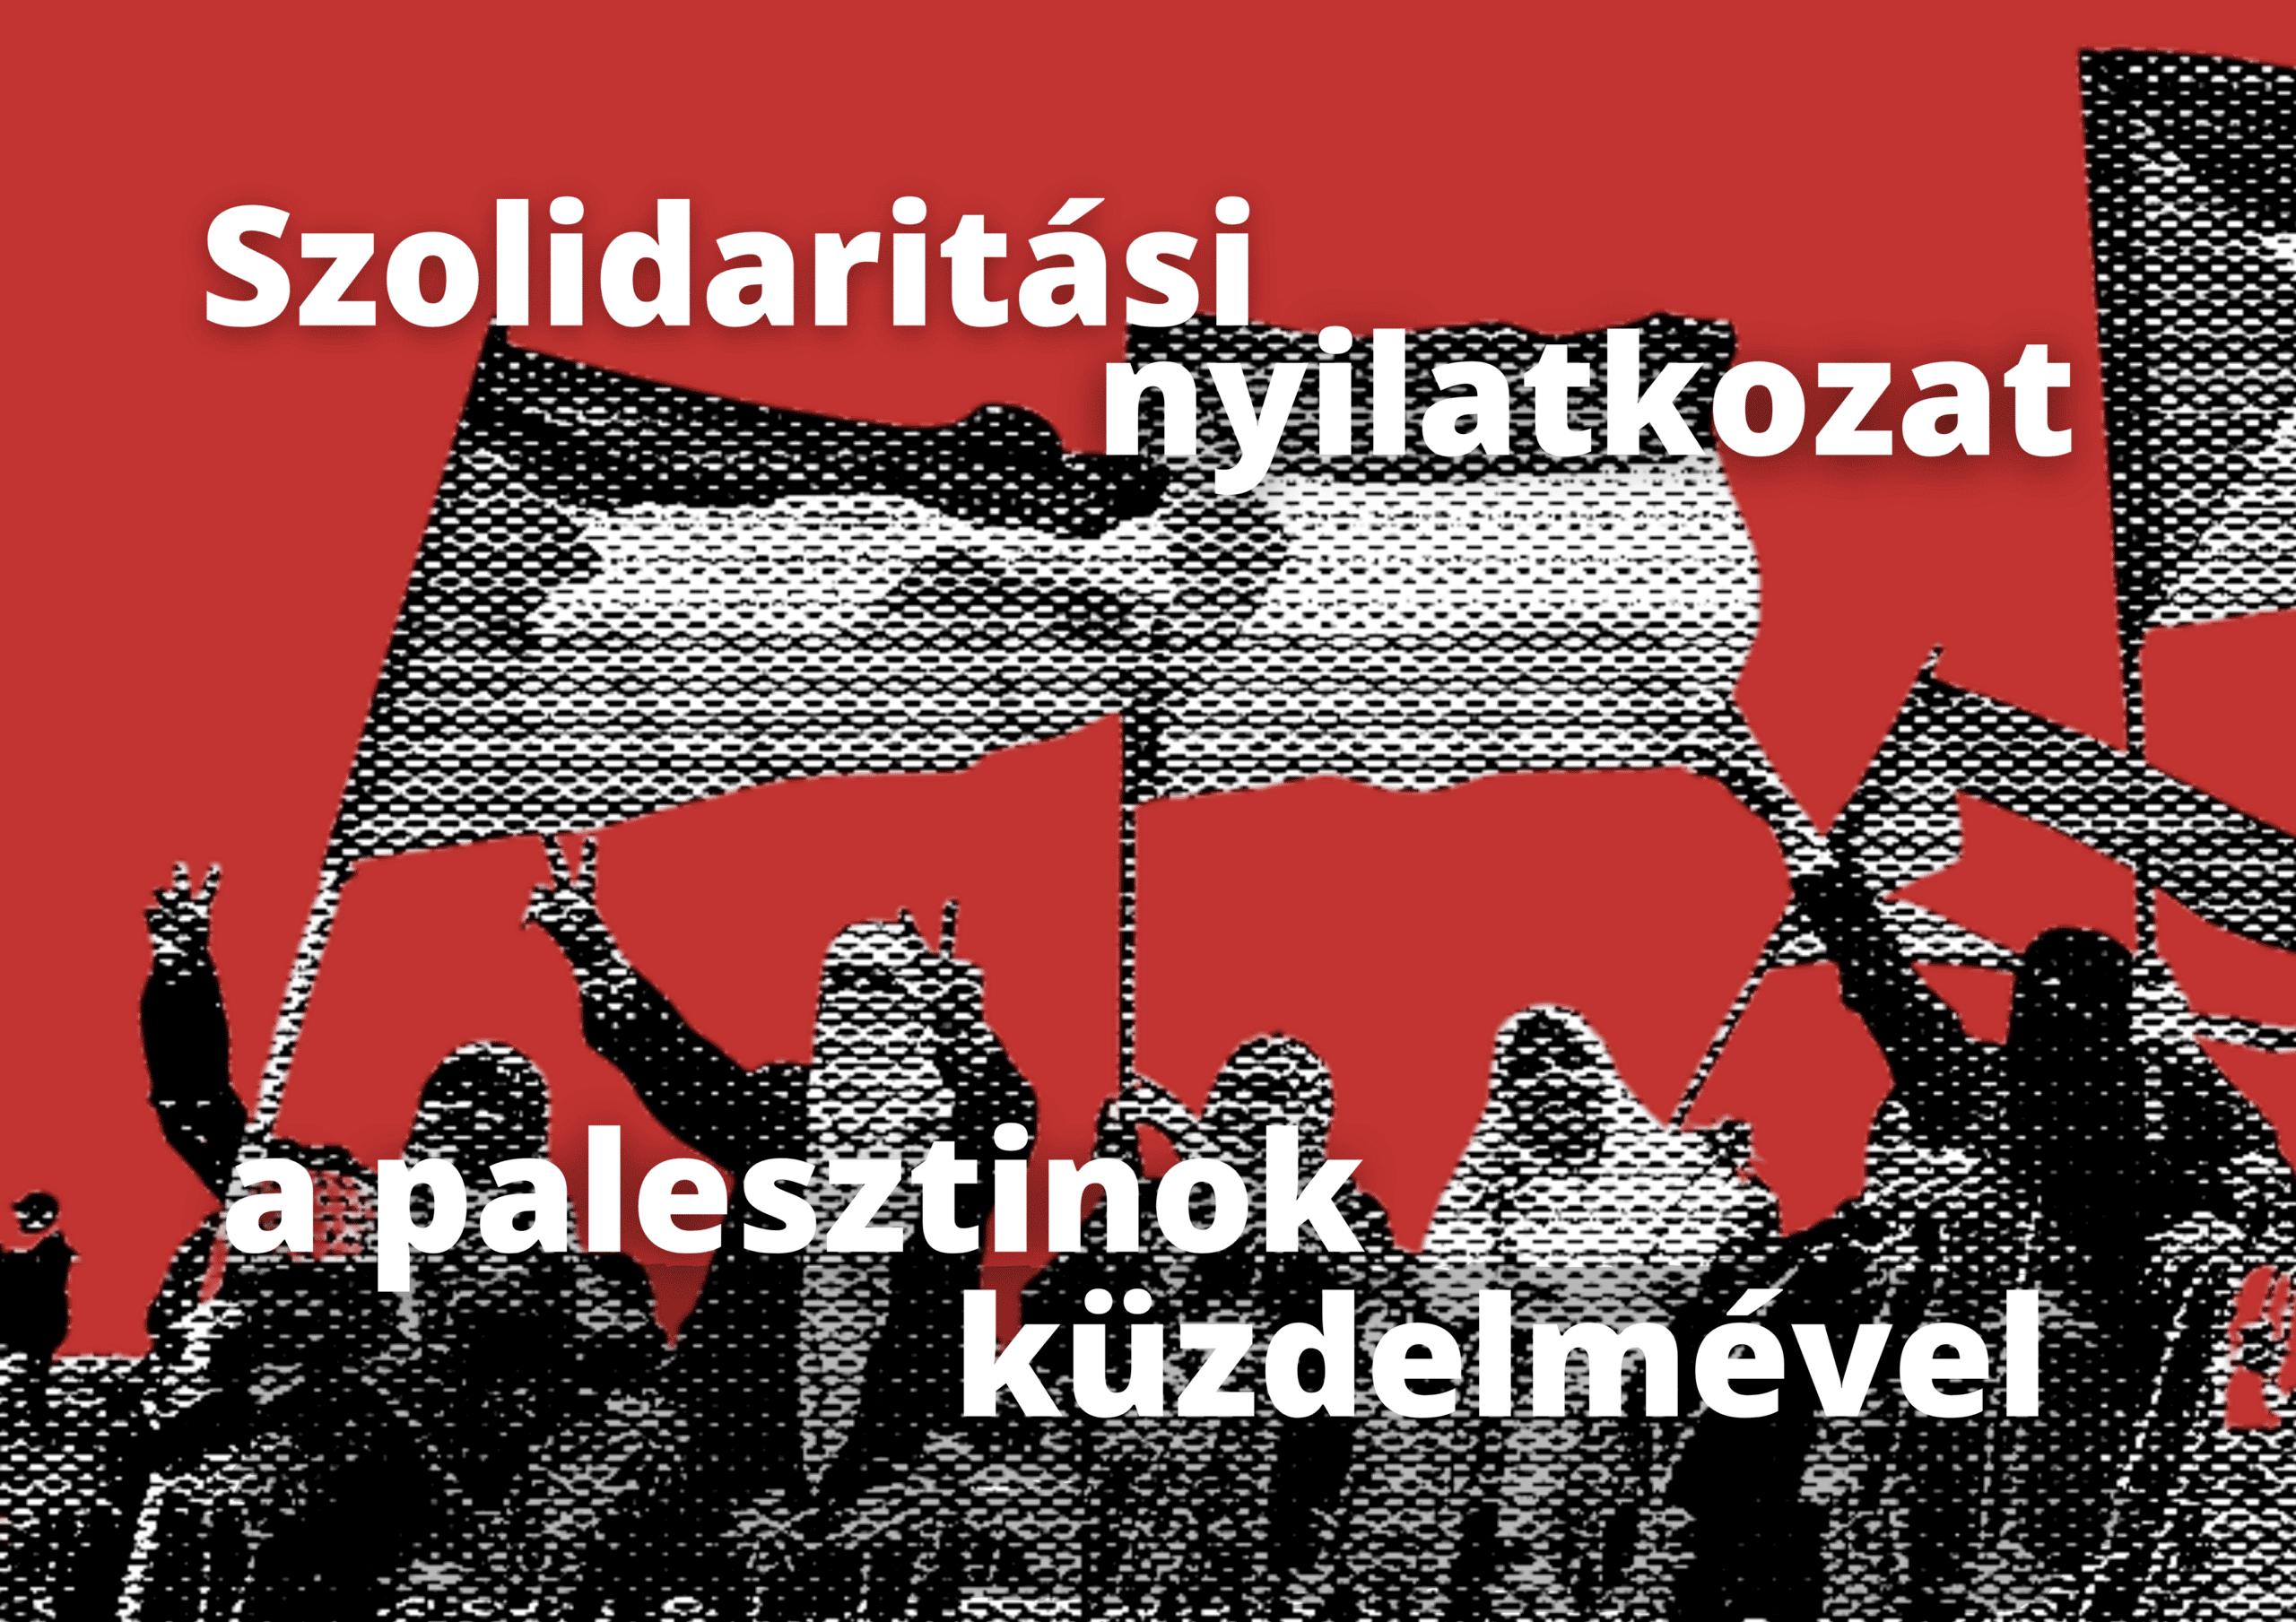 Szolidaritási nyilatkozat a palesztinok küzdelmével